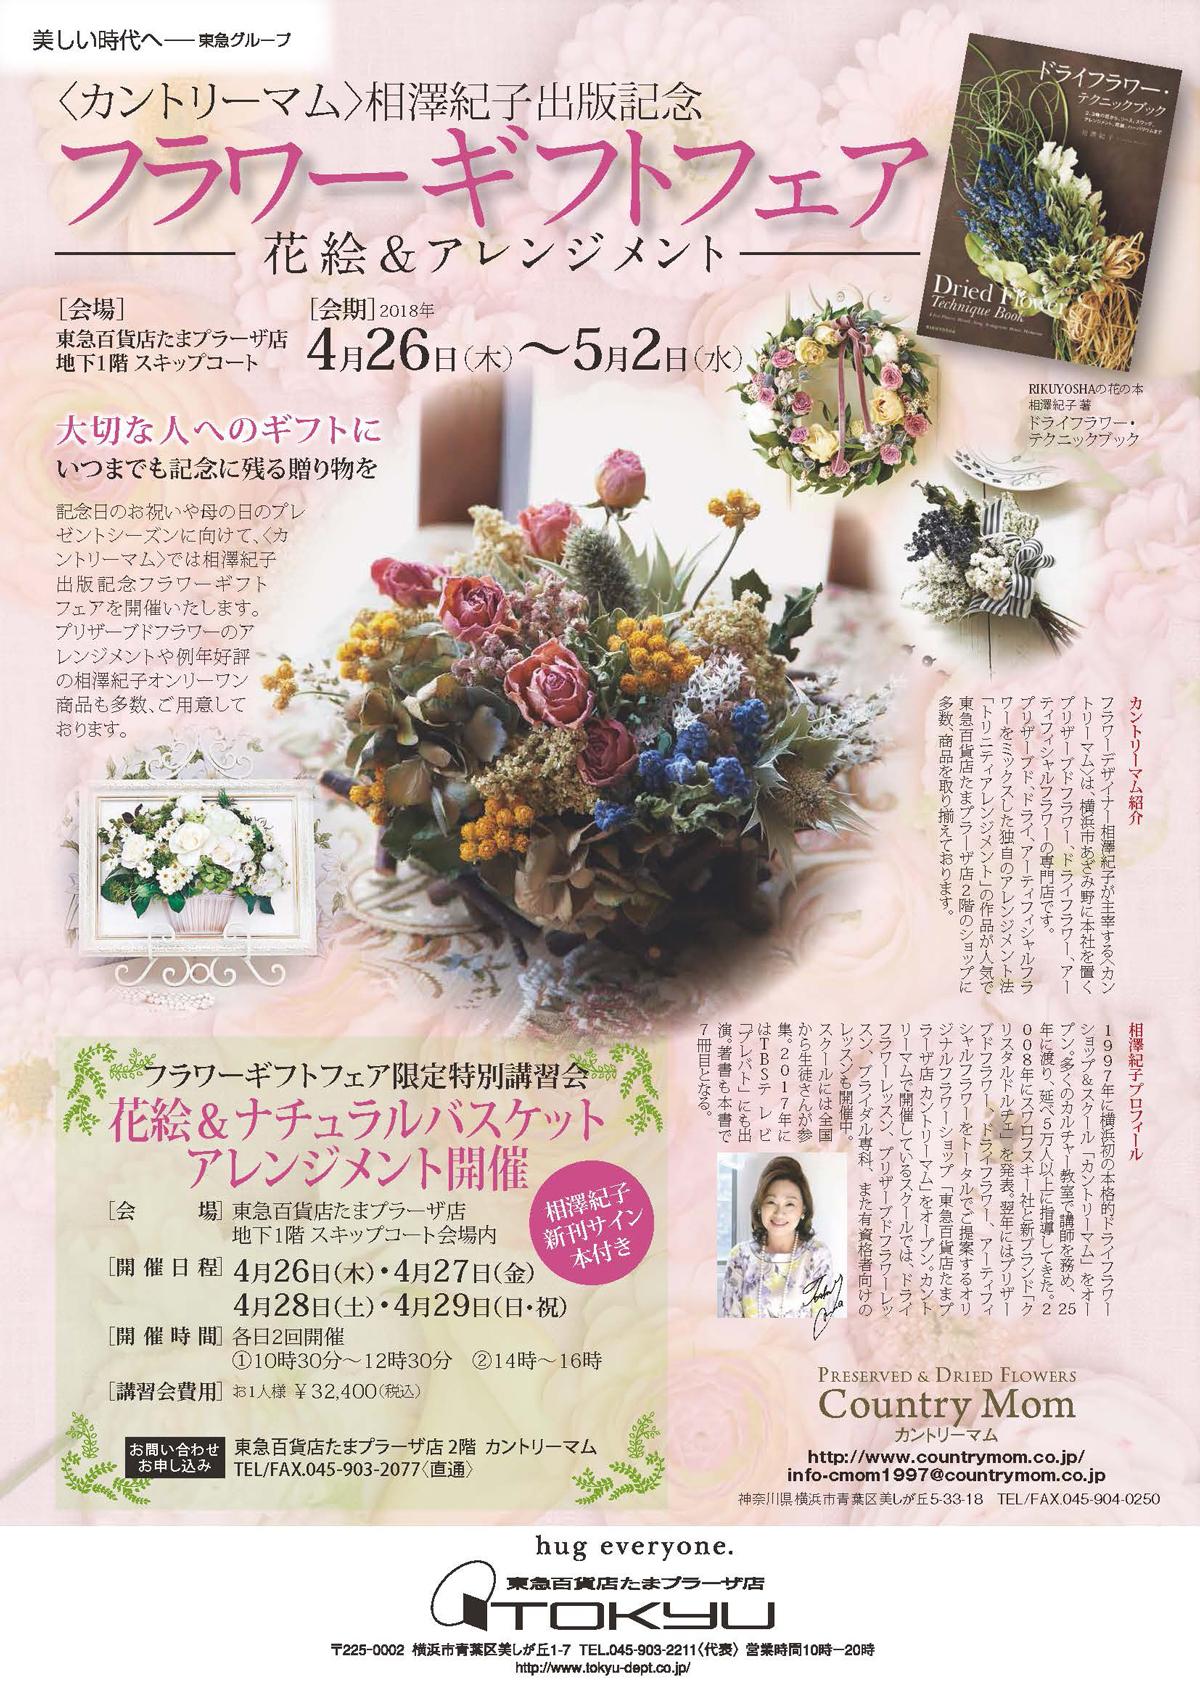 【ドライフラワー・テクニックブック】出版記念 フラワーギフトフェア